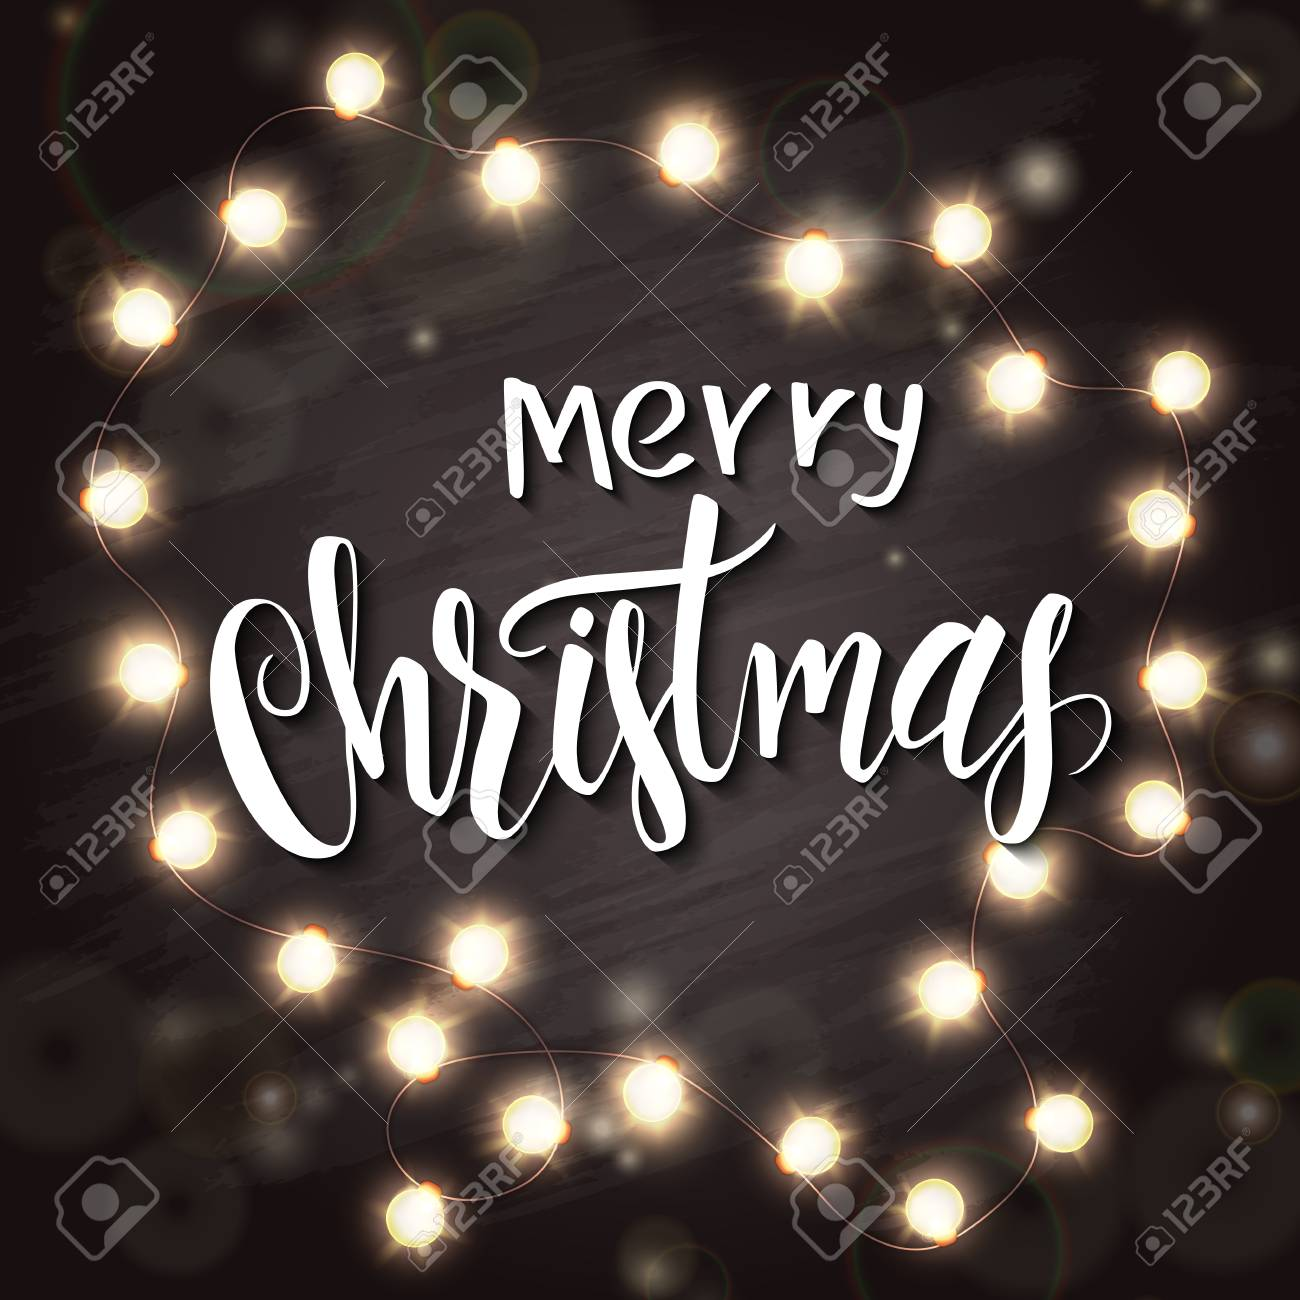 Schriftzug Frohe Weihnachten Beleuchtet.Vector Hand Gezeichnet Schriftzug Frohe Weihnachten Mit